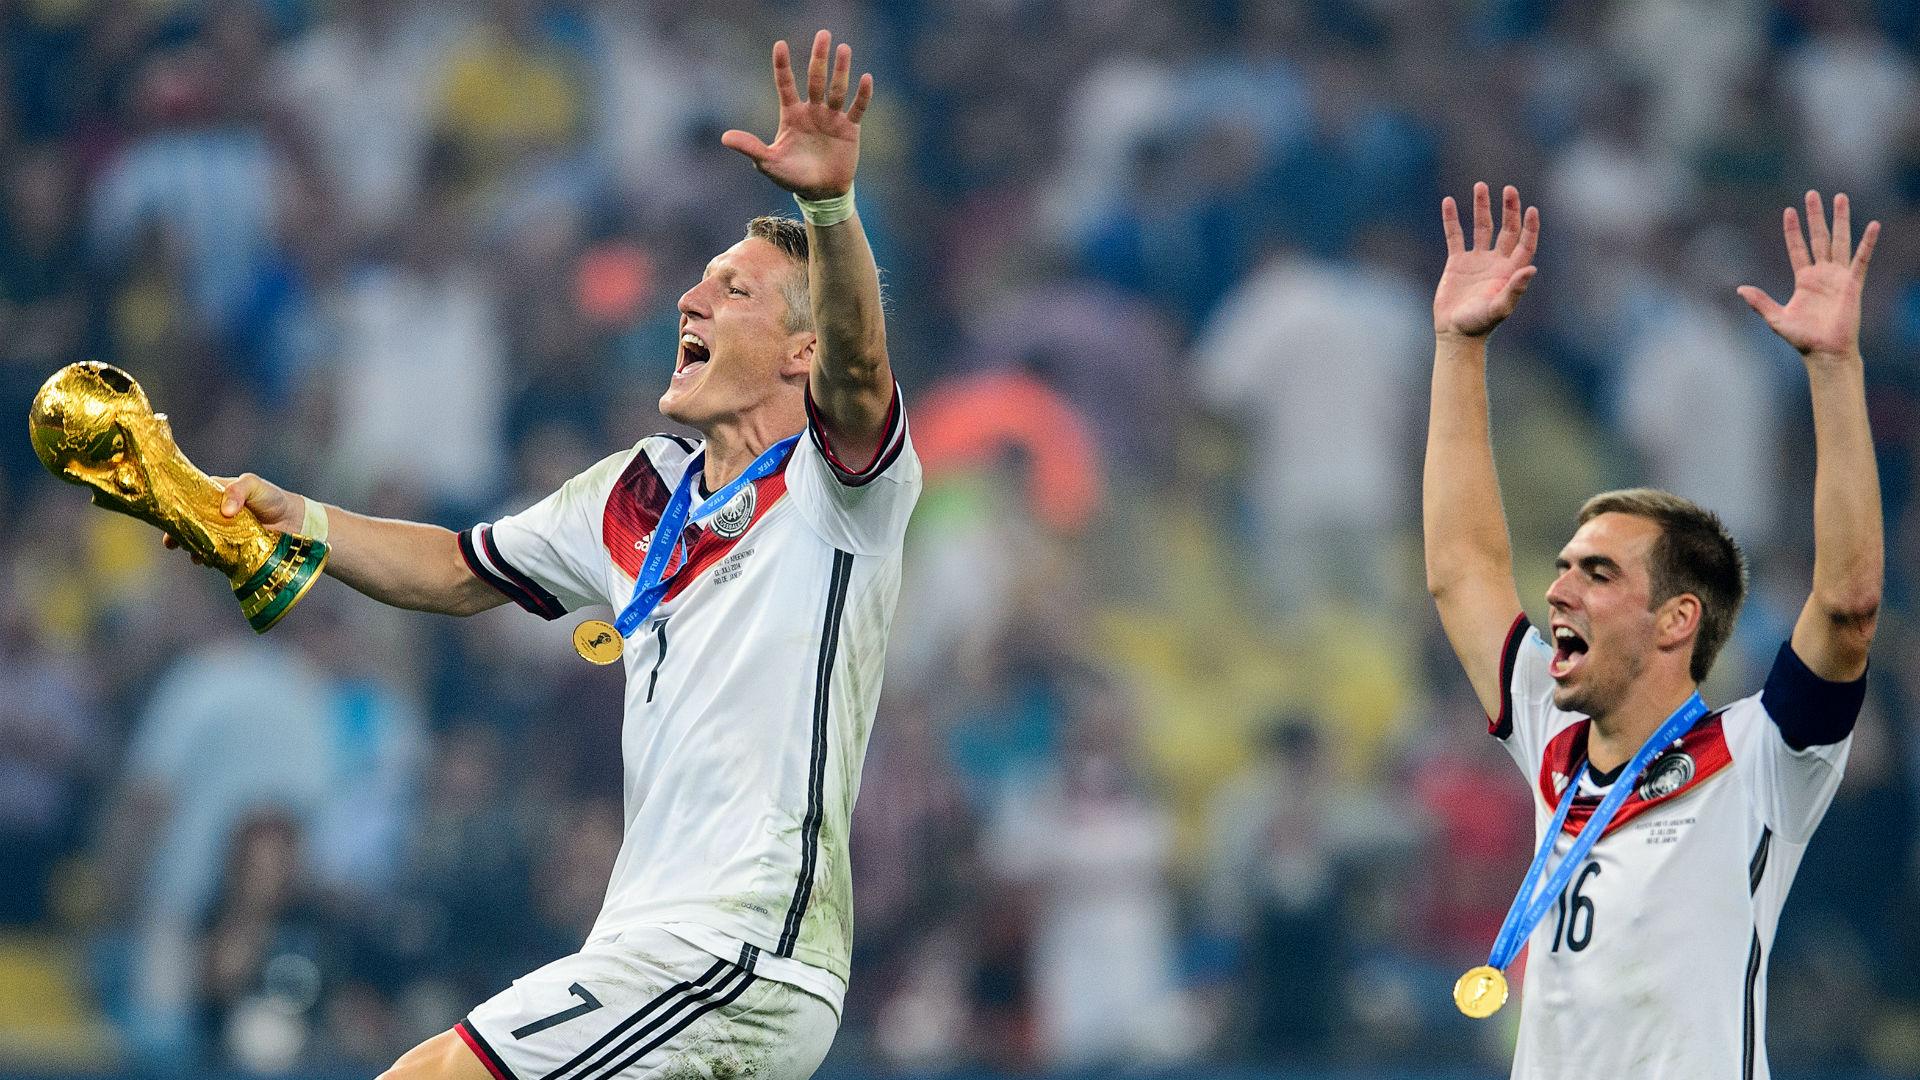 Schweinsteiger Lahm World Cup 2010 Germany